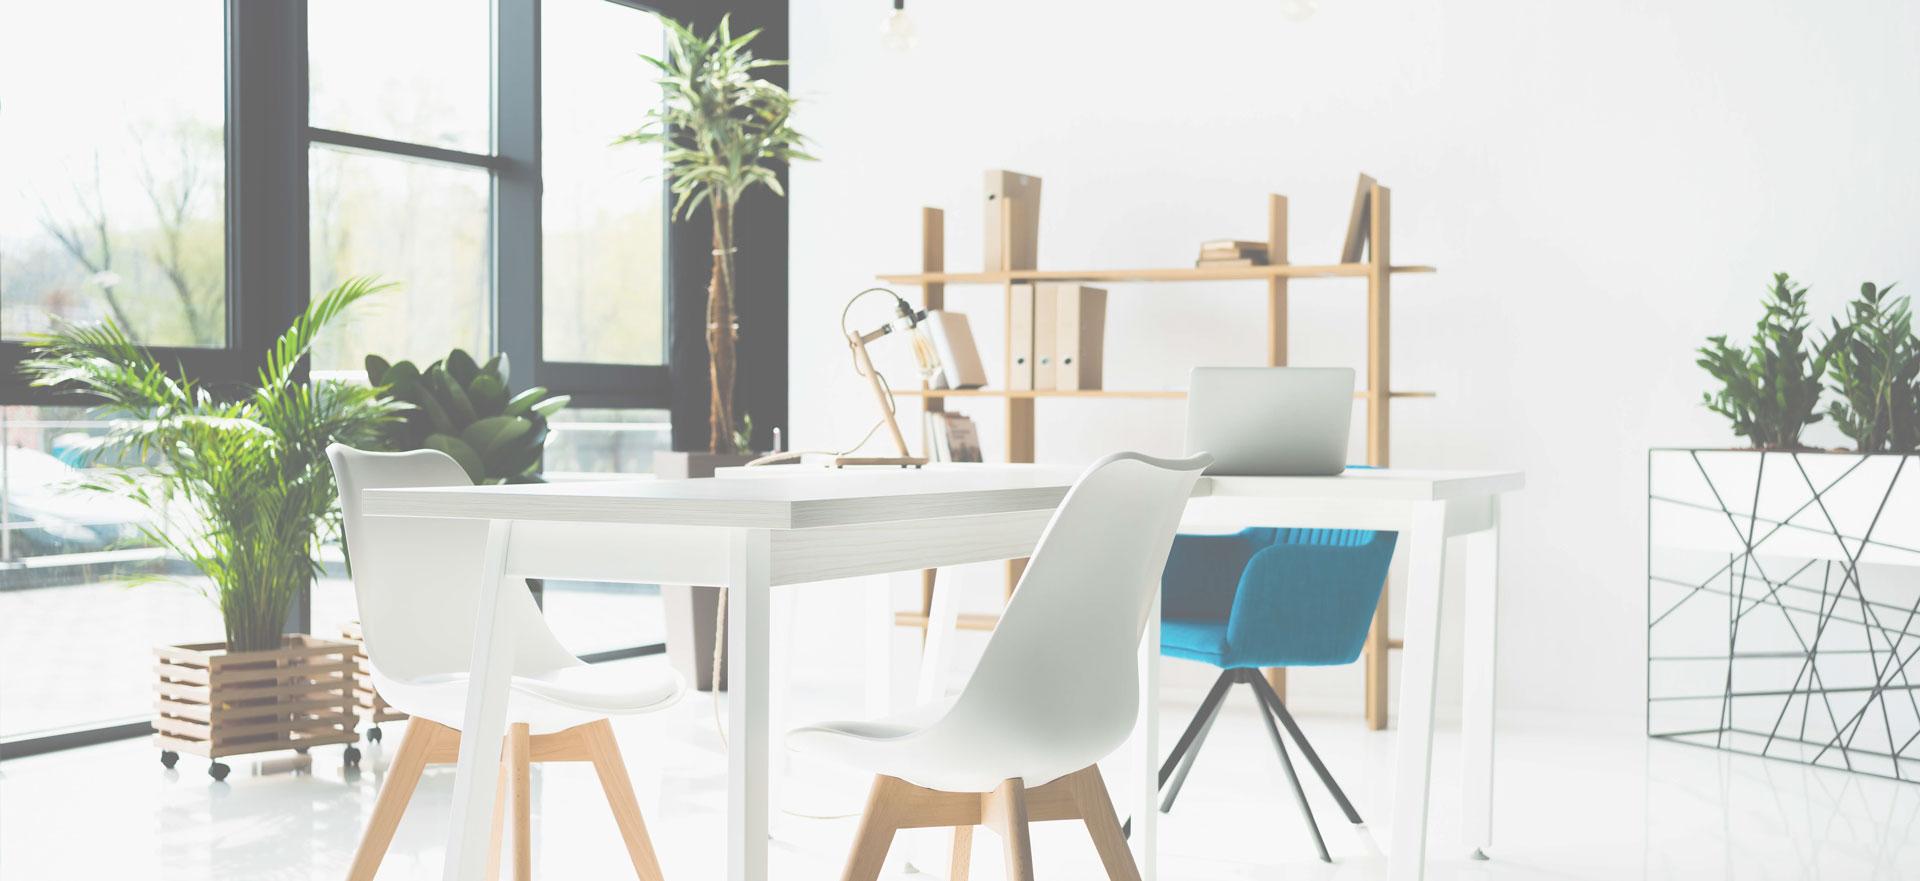 kancelarijski-pribor-kupovina